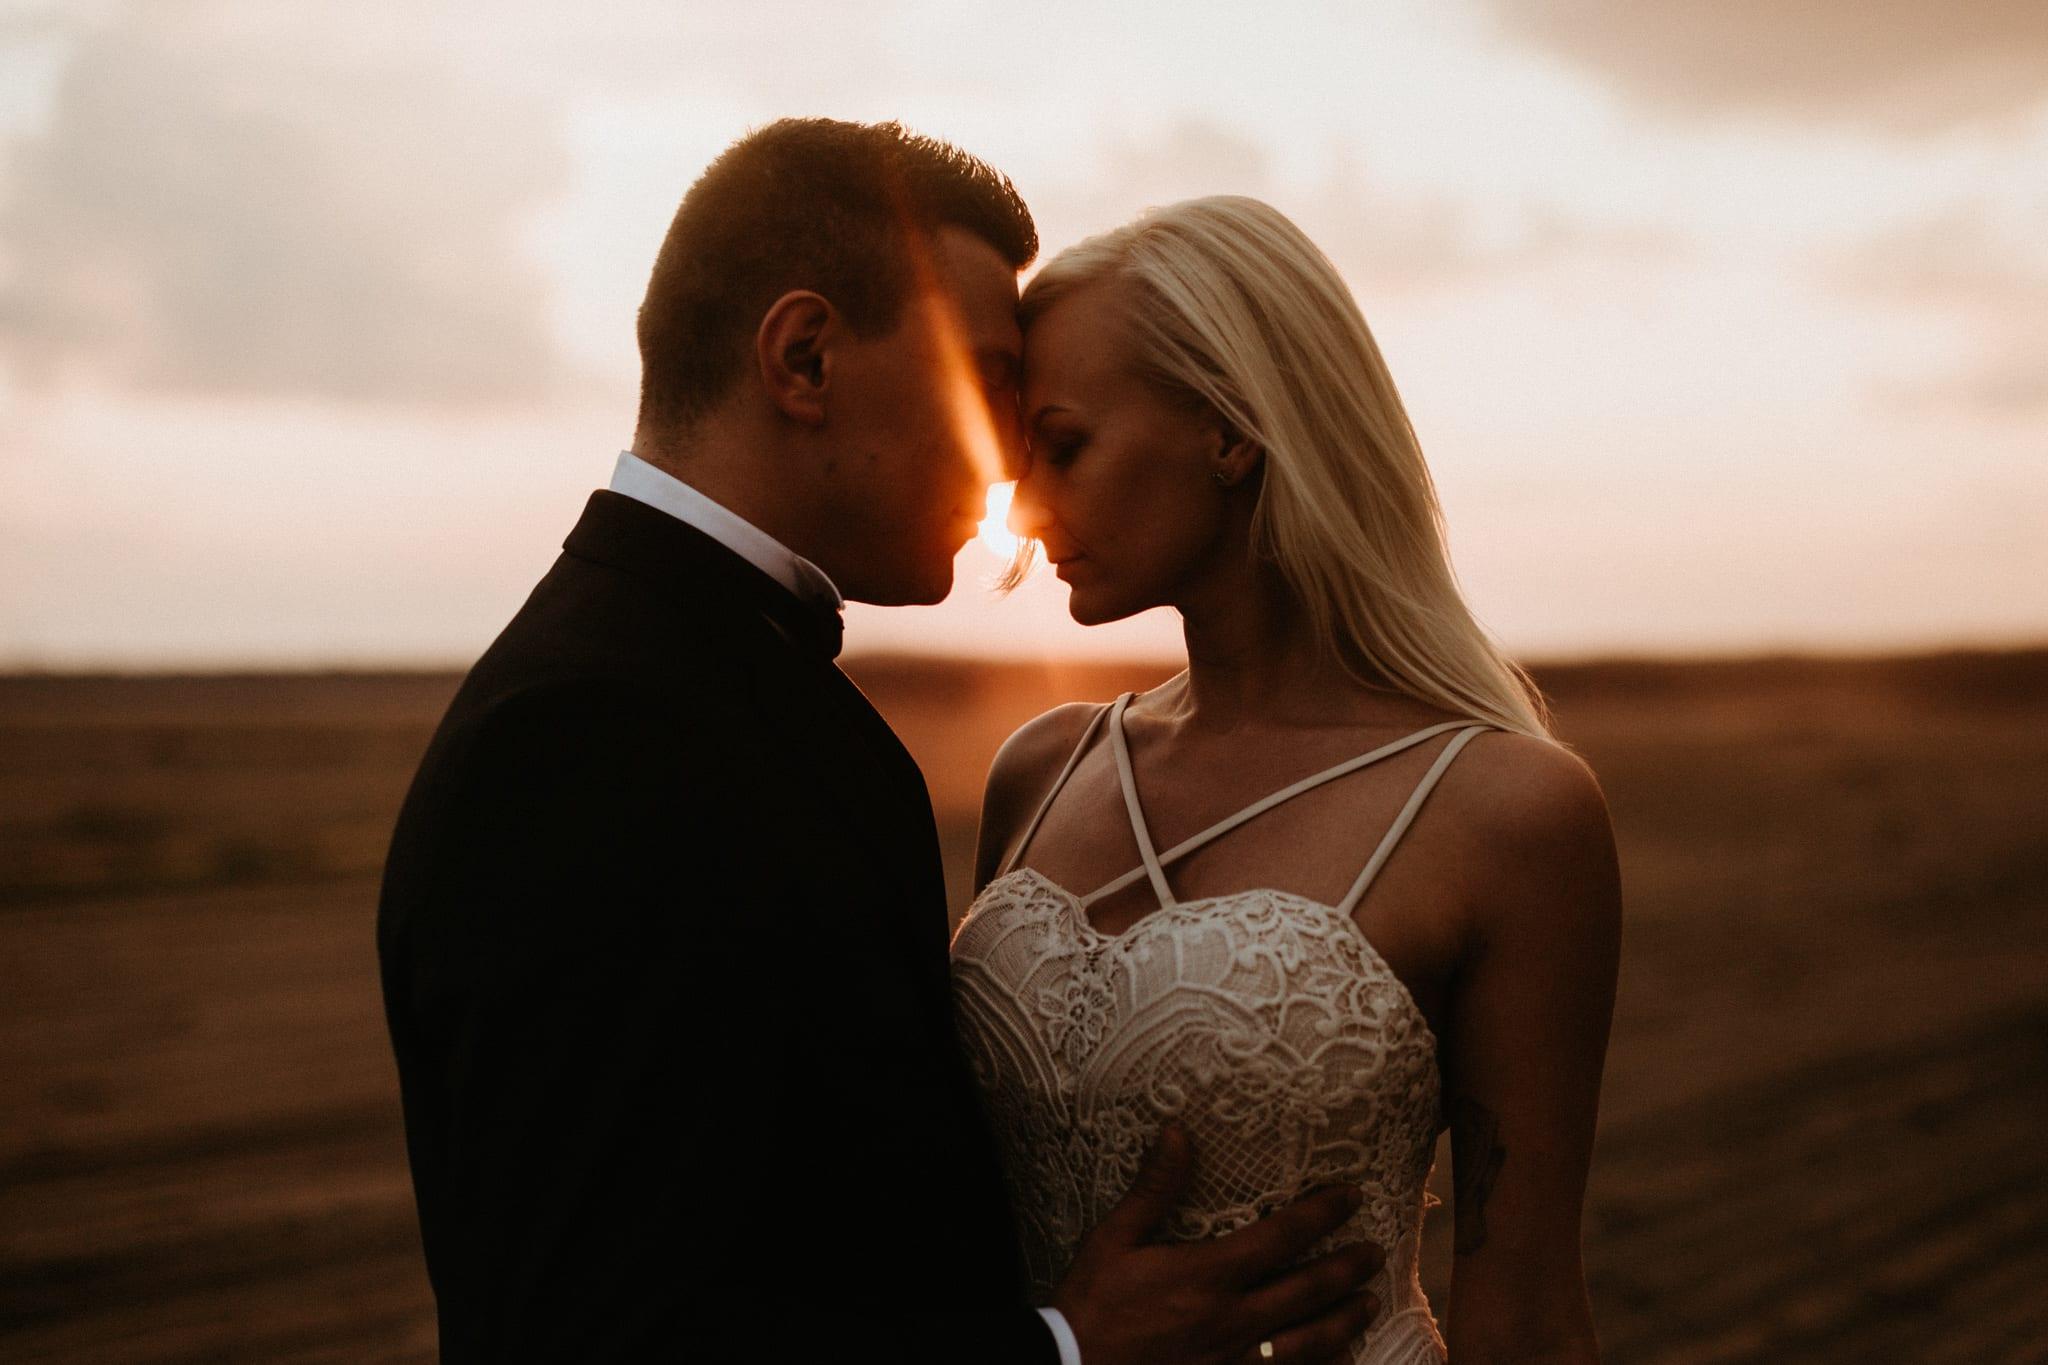 Patrycja & Łukasz <br>Sesja ślubna na pustyni 18